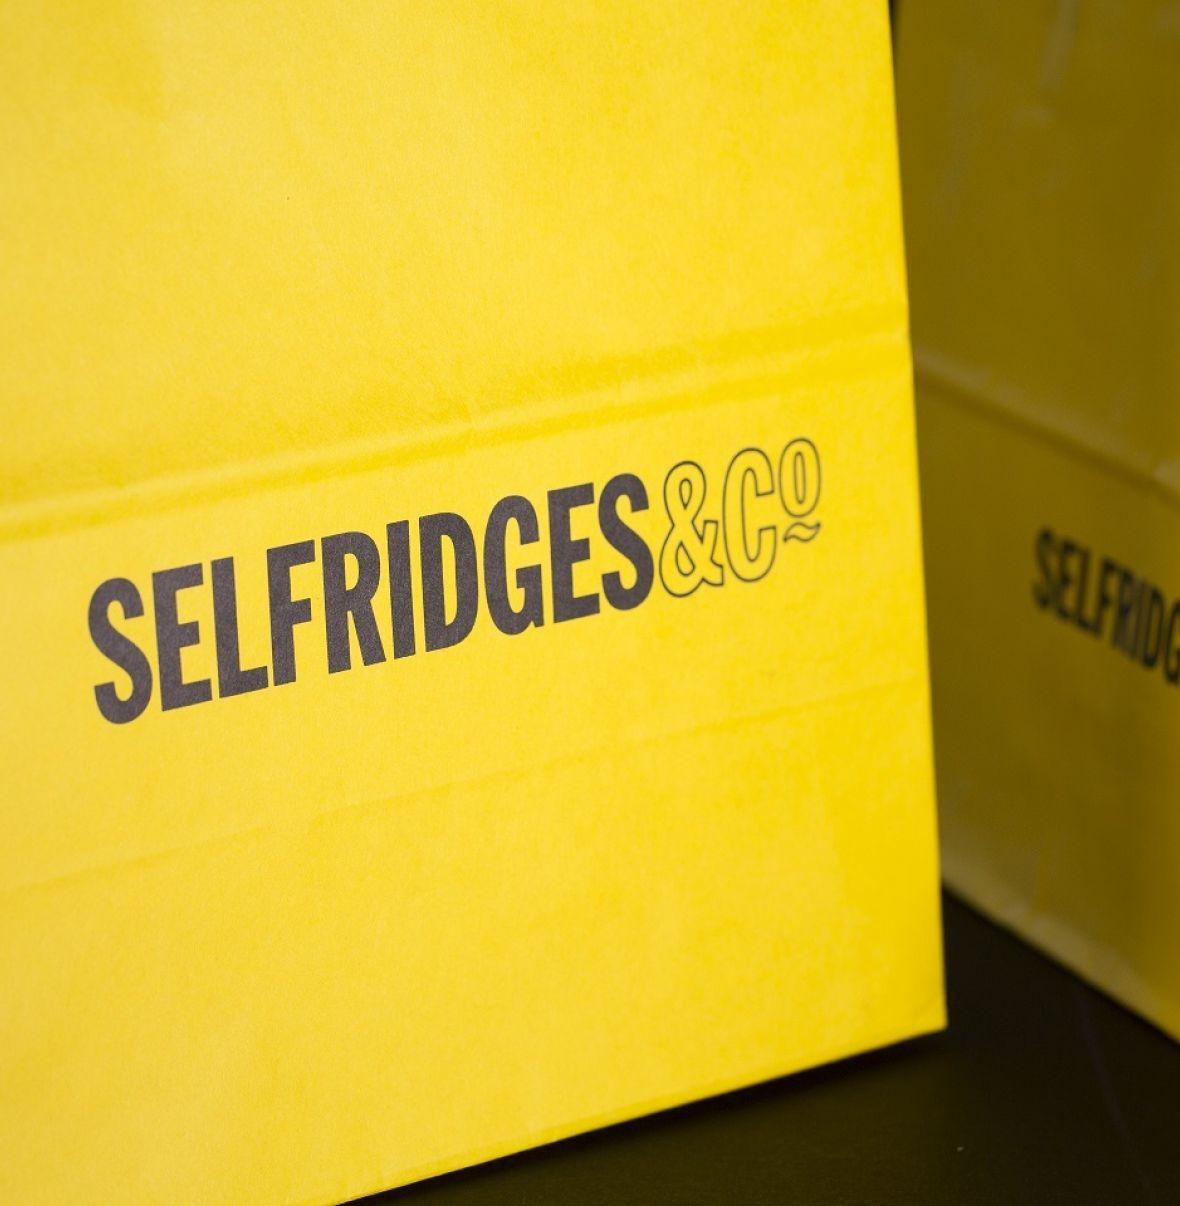 Selfridges Paper Bag